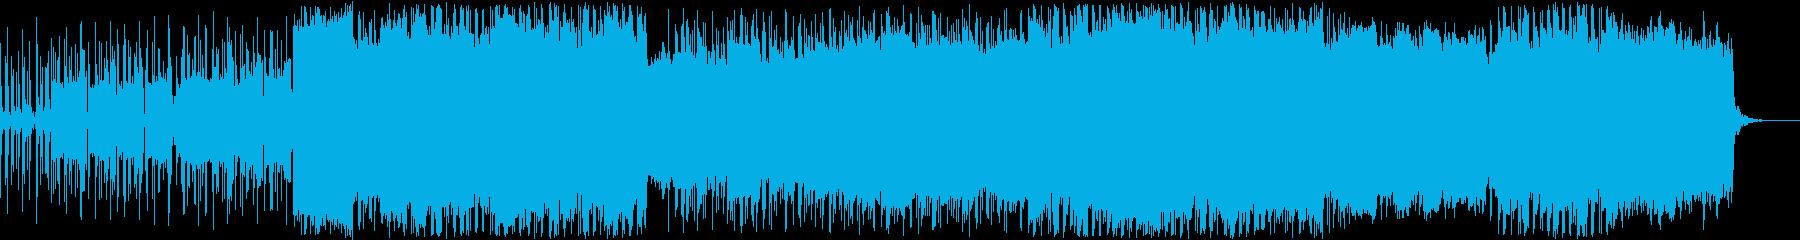 エレクトロポップ女性ボーカル聖歌。...の再生済みの波形